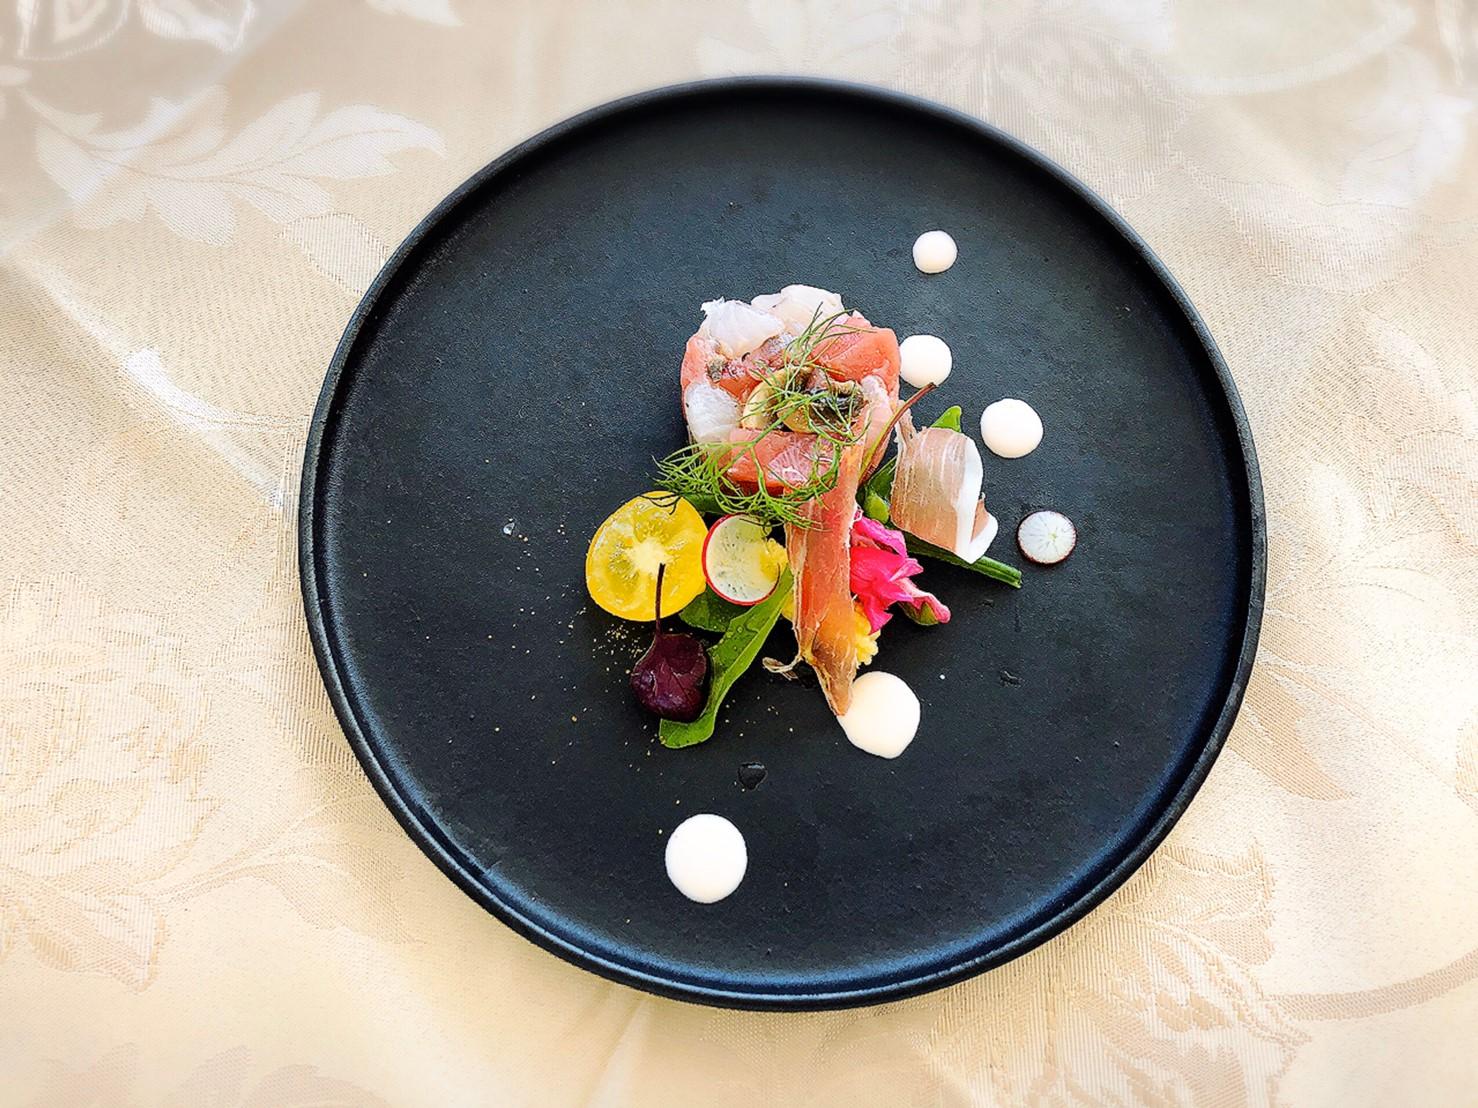 【前菜】本鮪と平目のタルタル 地場野菜とハモンセラーノのサラダ仕立て ぺルノーソース